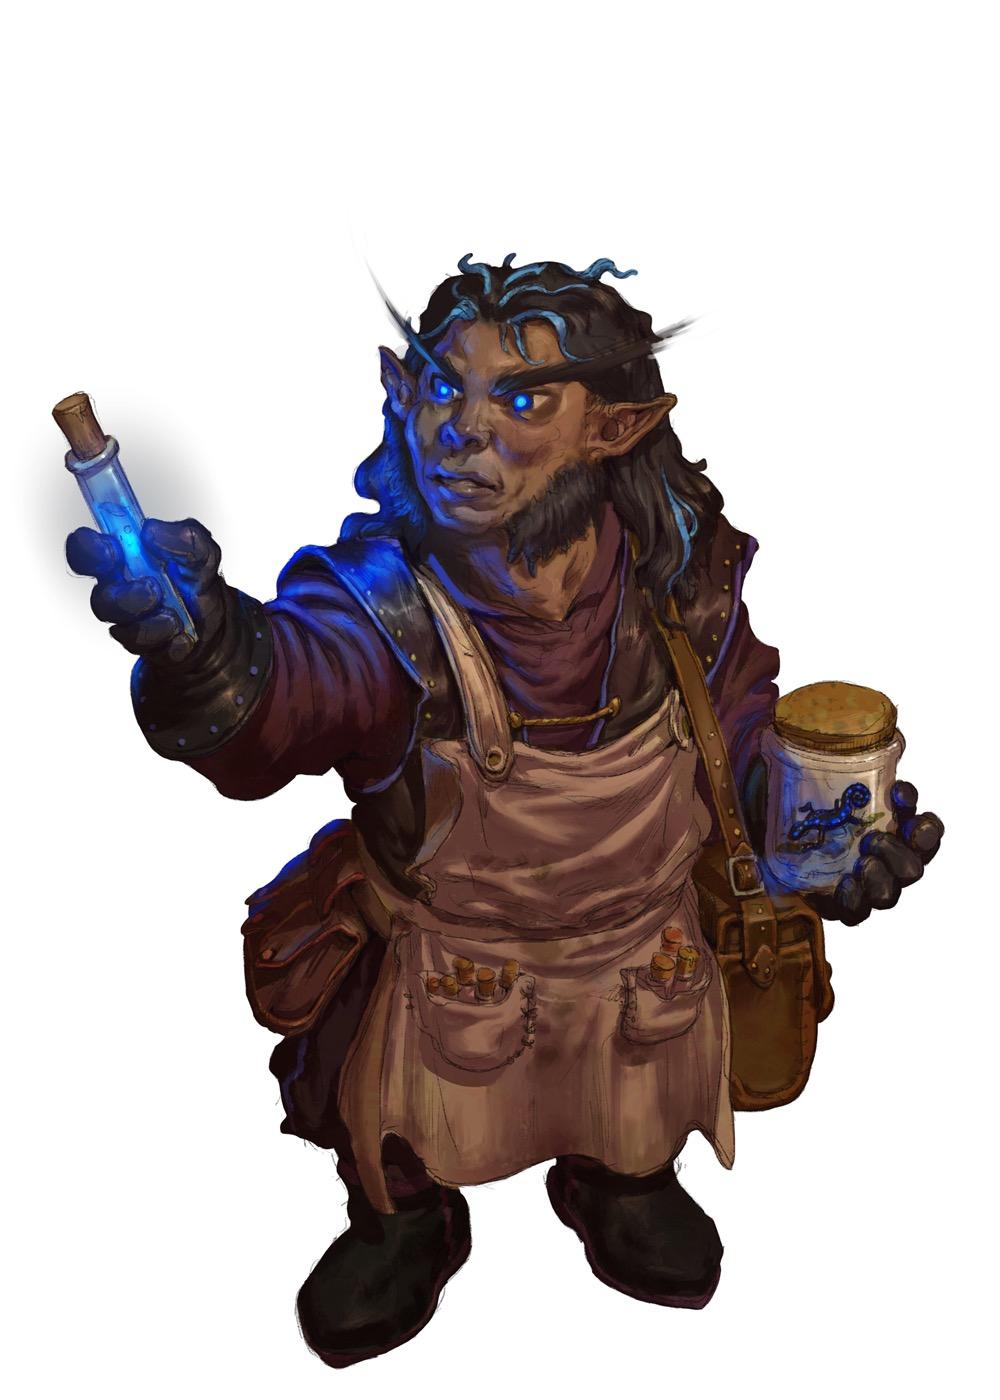 Khismar Crookchar, gnome alchemist and drug dealer.